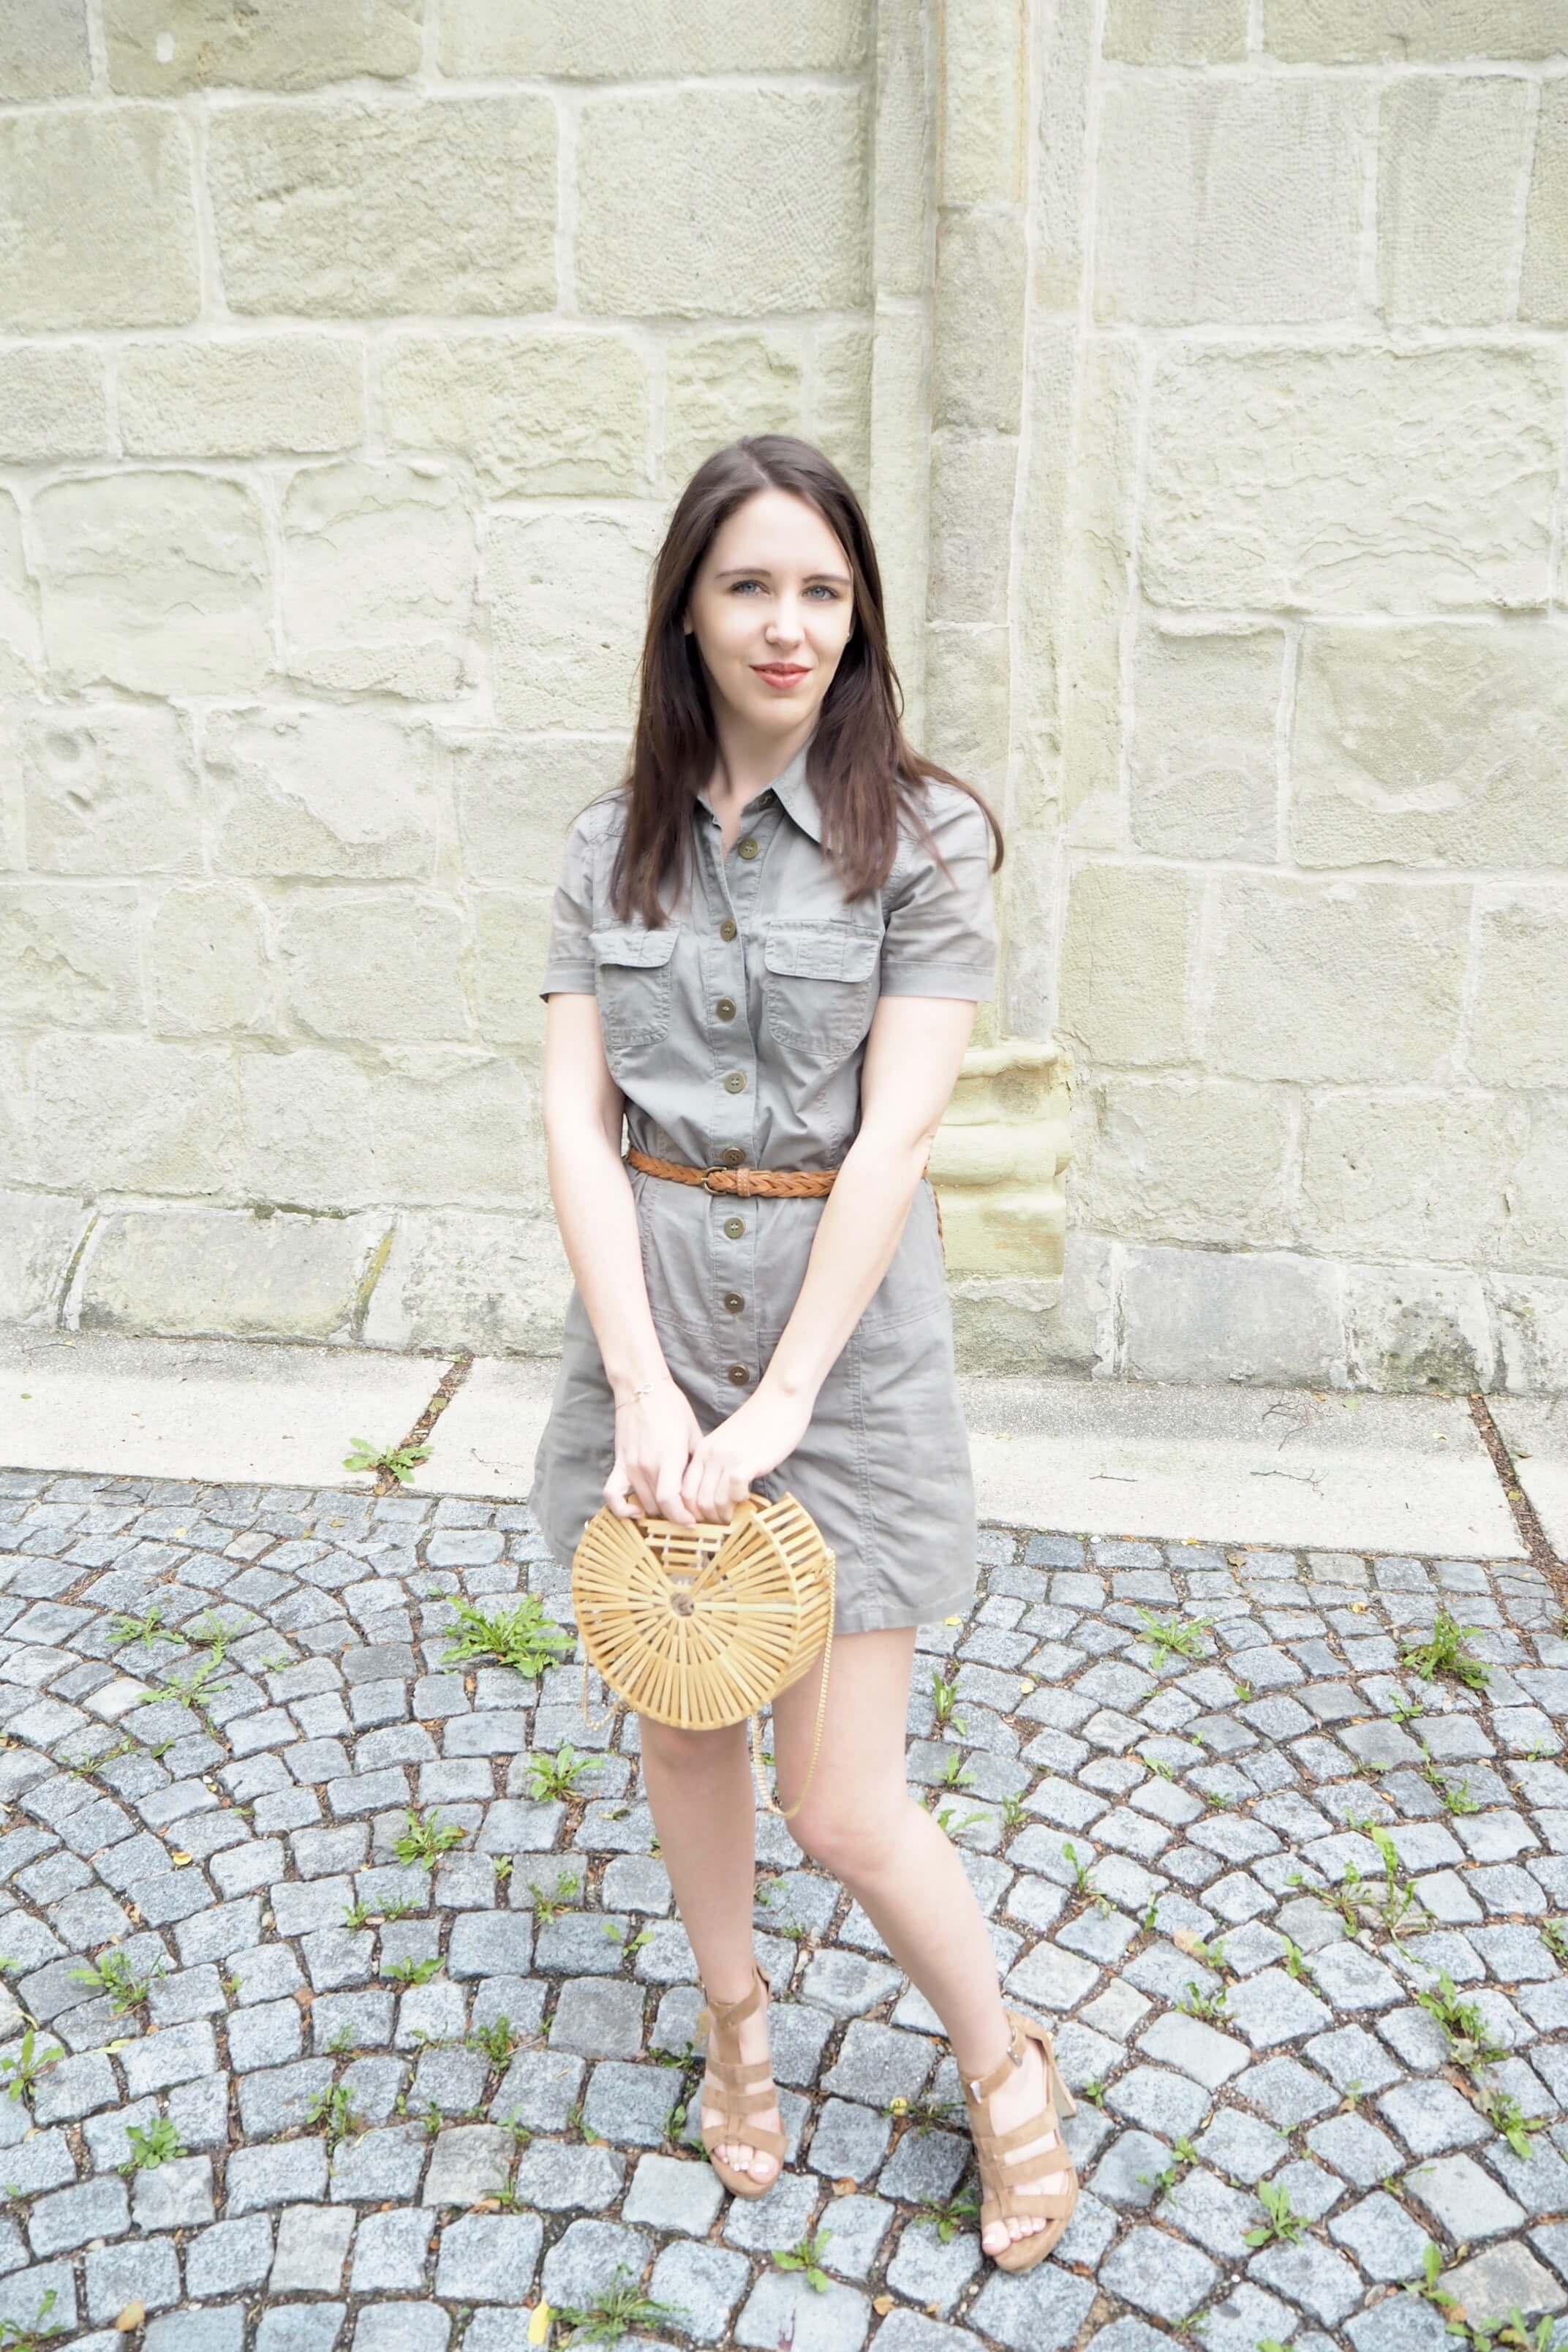 Sommerkleid und Handtasche aus Holz